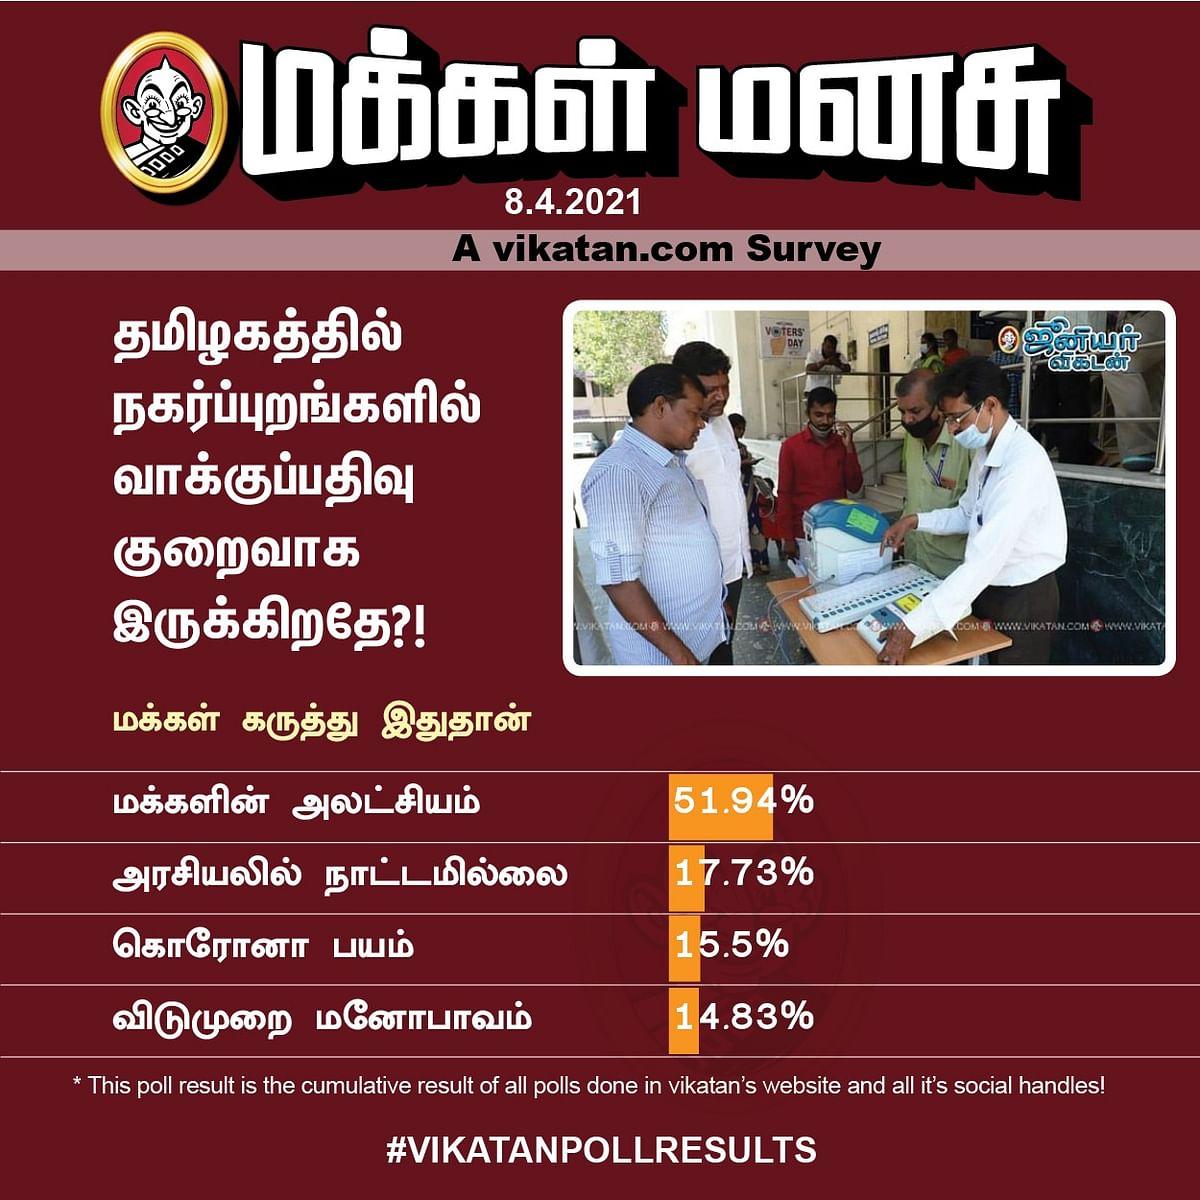 தமிழகத் தேர்தல் வாக்குப்பதிவு | Vikatan Poll